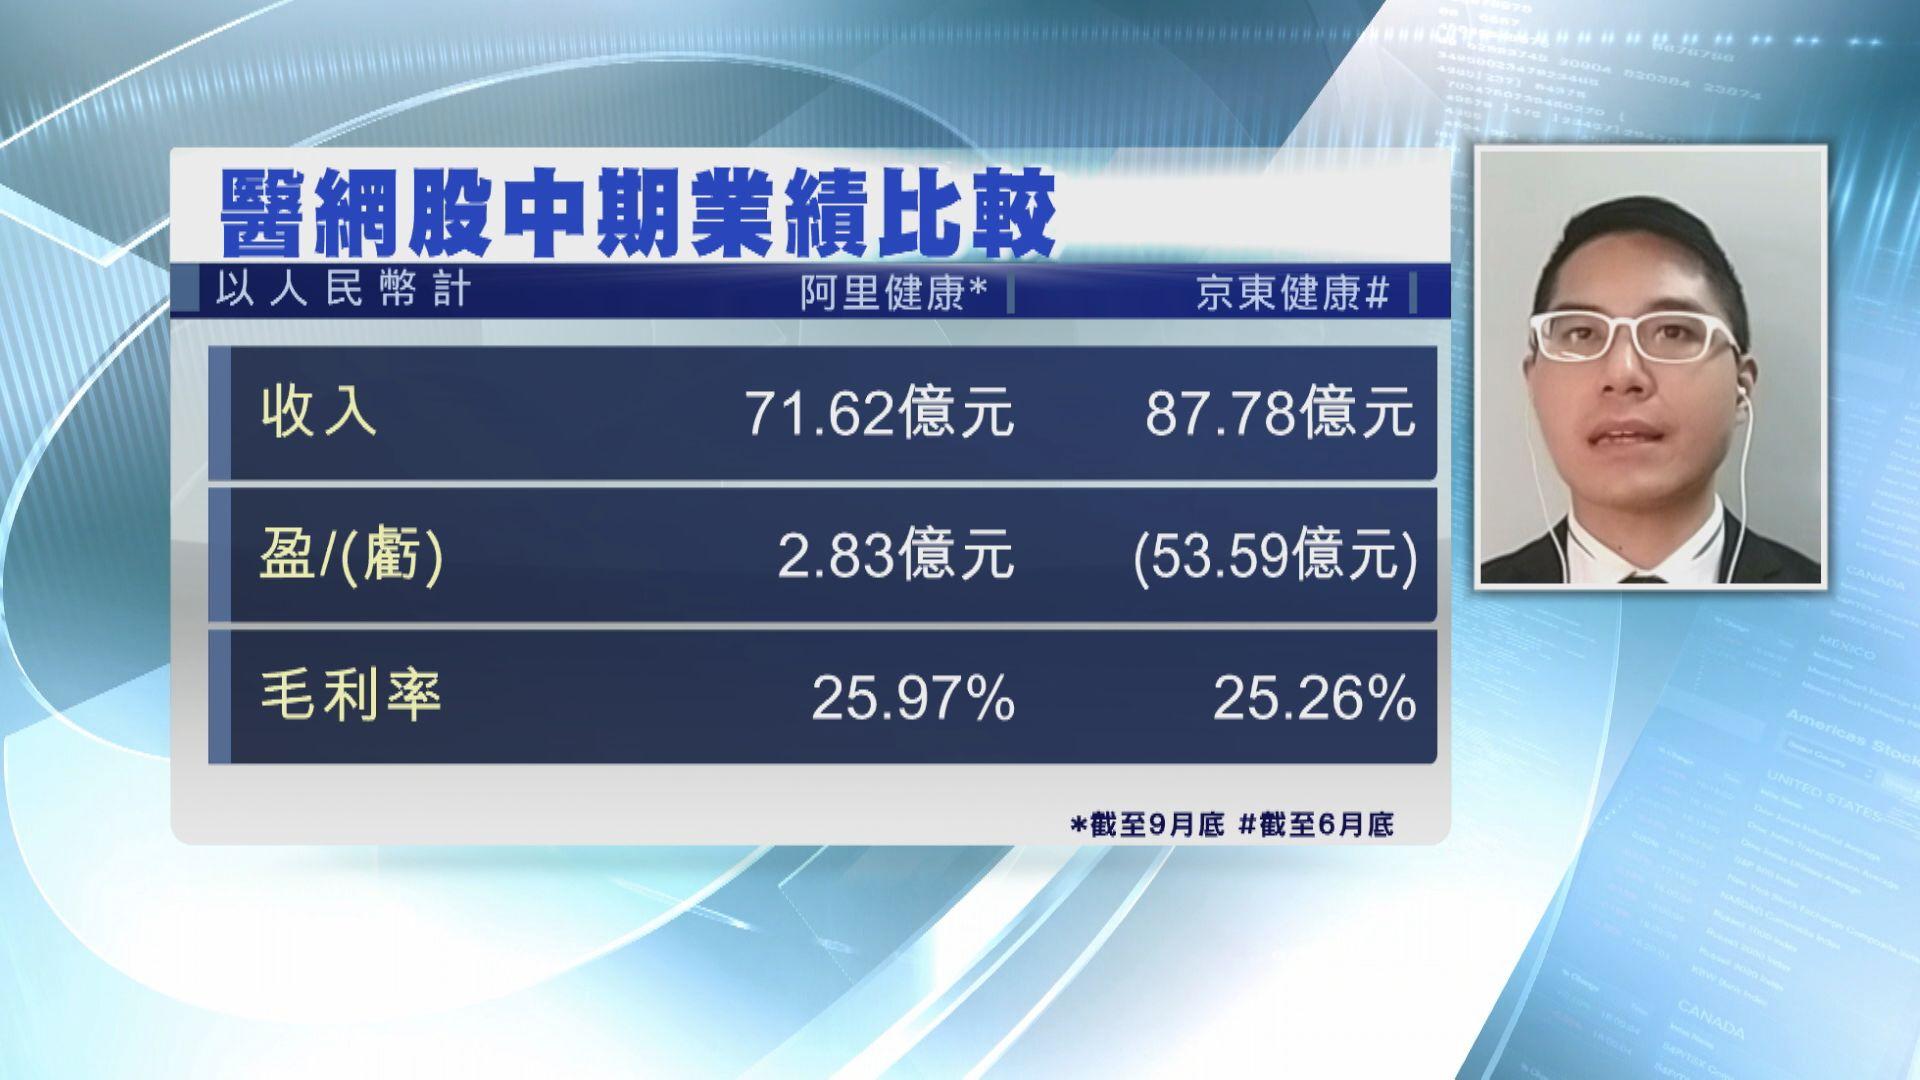 【專家分析】京東健康上市帶動醫網股 點部署?